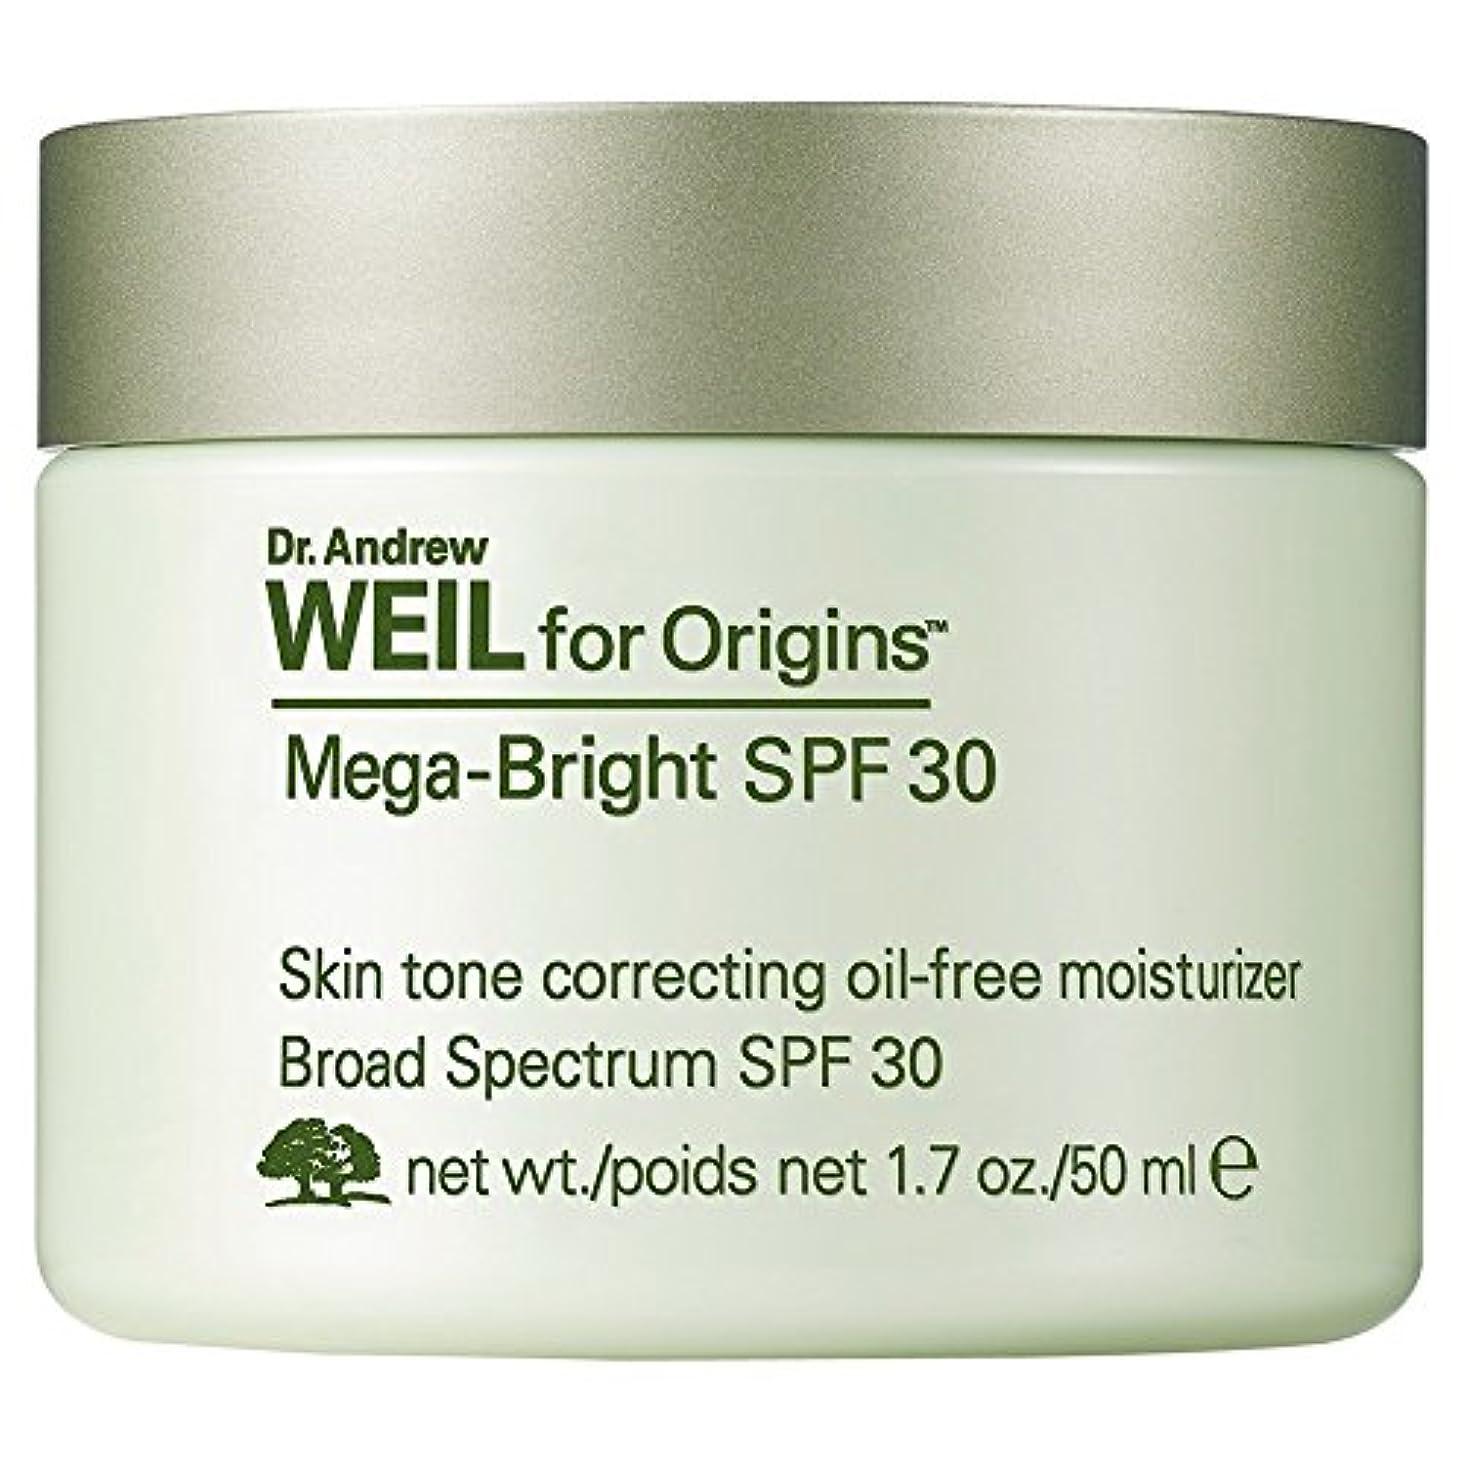 バラ色不倫さらにDr。保湿、50ミリリットルの補正アンドルー?ワイルメガブライトSpf30の肌のトーン (Origins) - Dr. Andrew Weil Mega-Bright SPF30 Skin Tone Correcting...